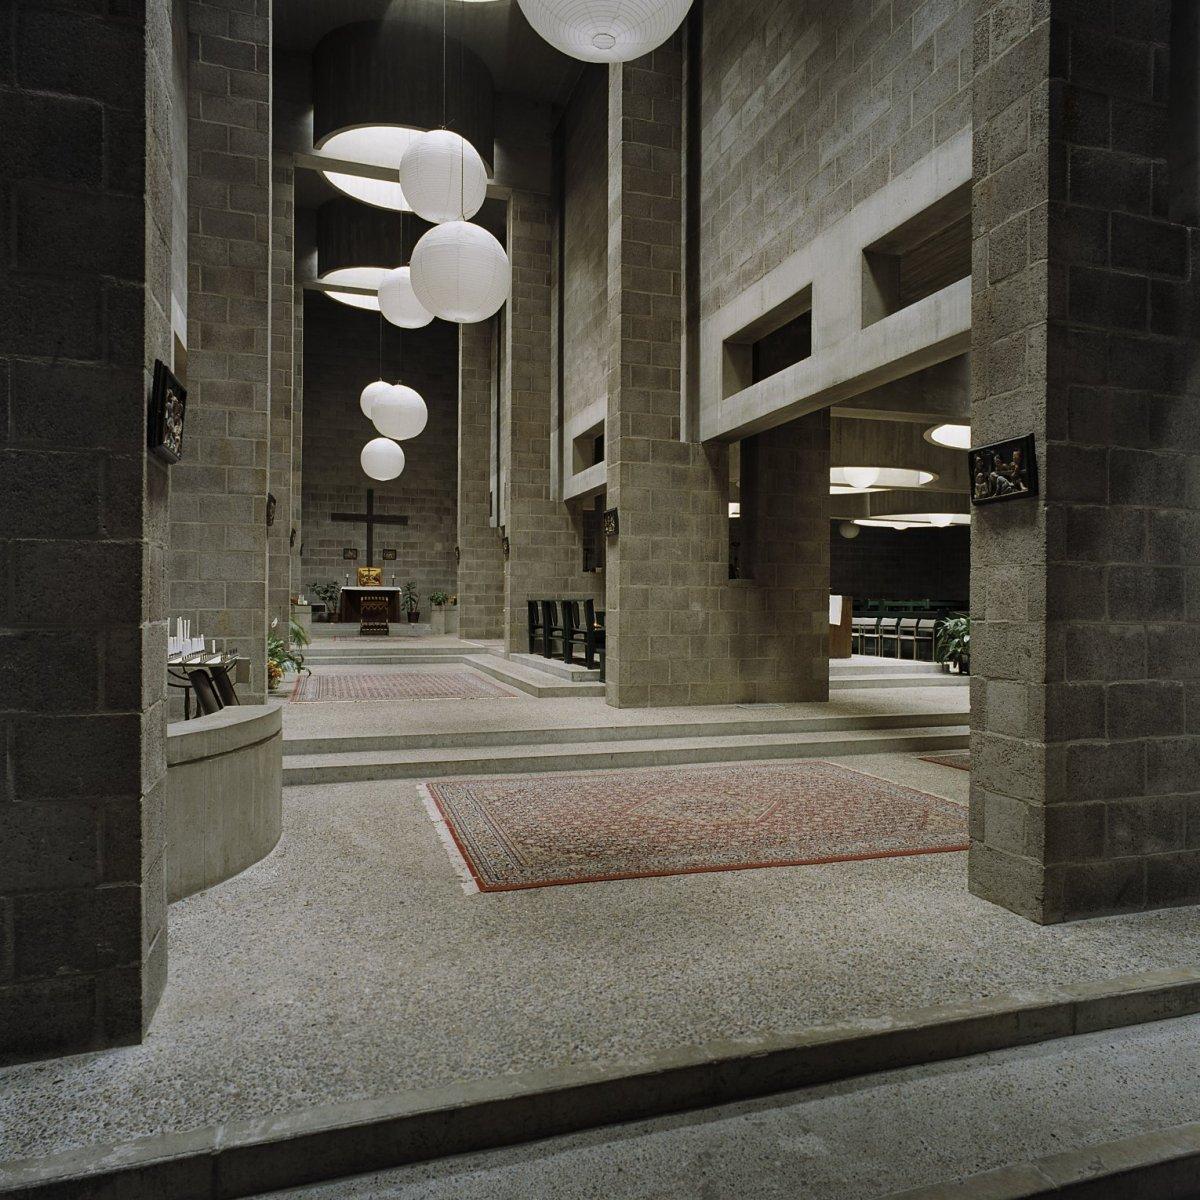 File interieur lichtinval door de lichtkoepels 39 s for Melchior interieur den haag